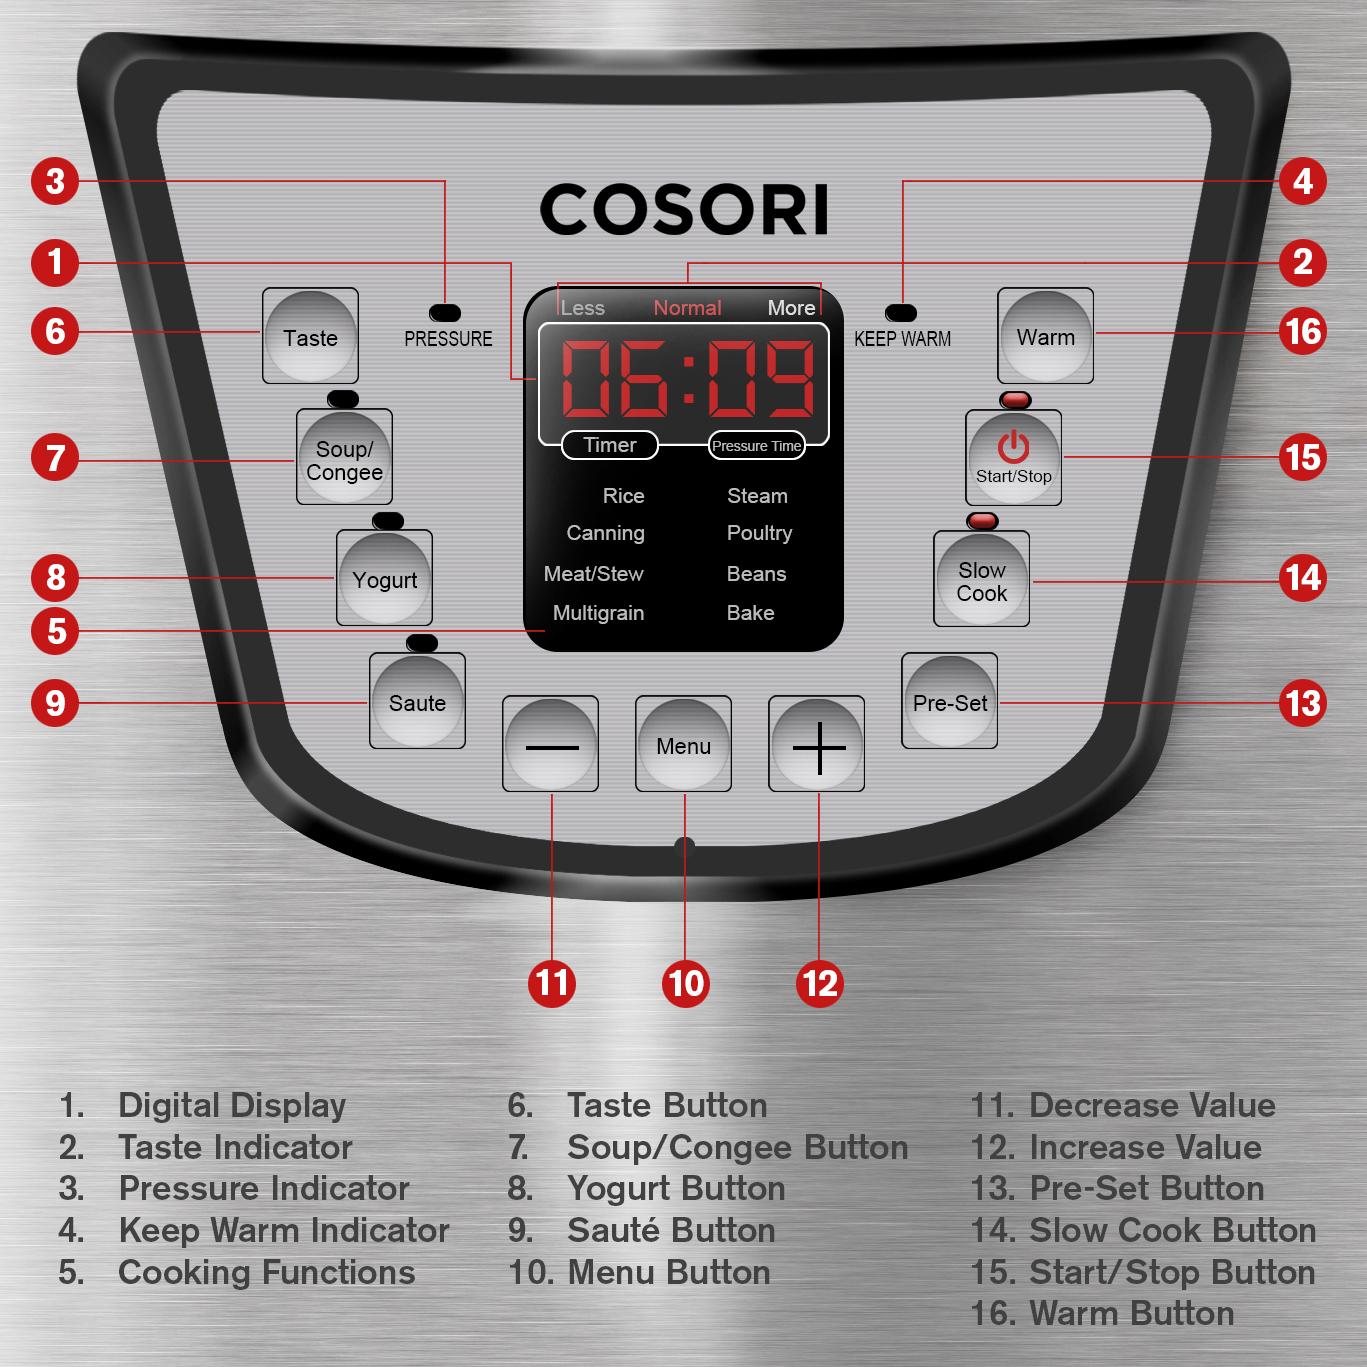 3.0_CA_HOHASA06EC_Cosori Electric Pressure Cooker C2120-PC.jpg